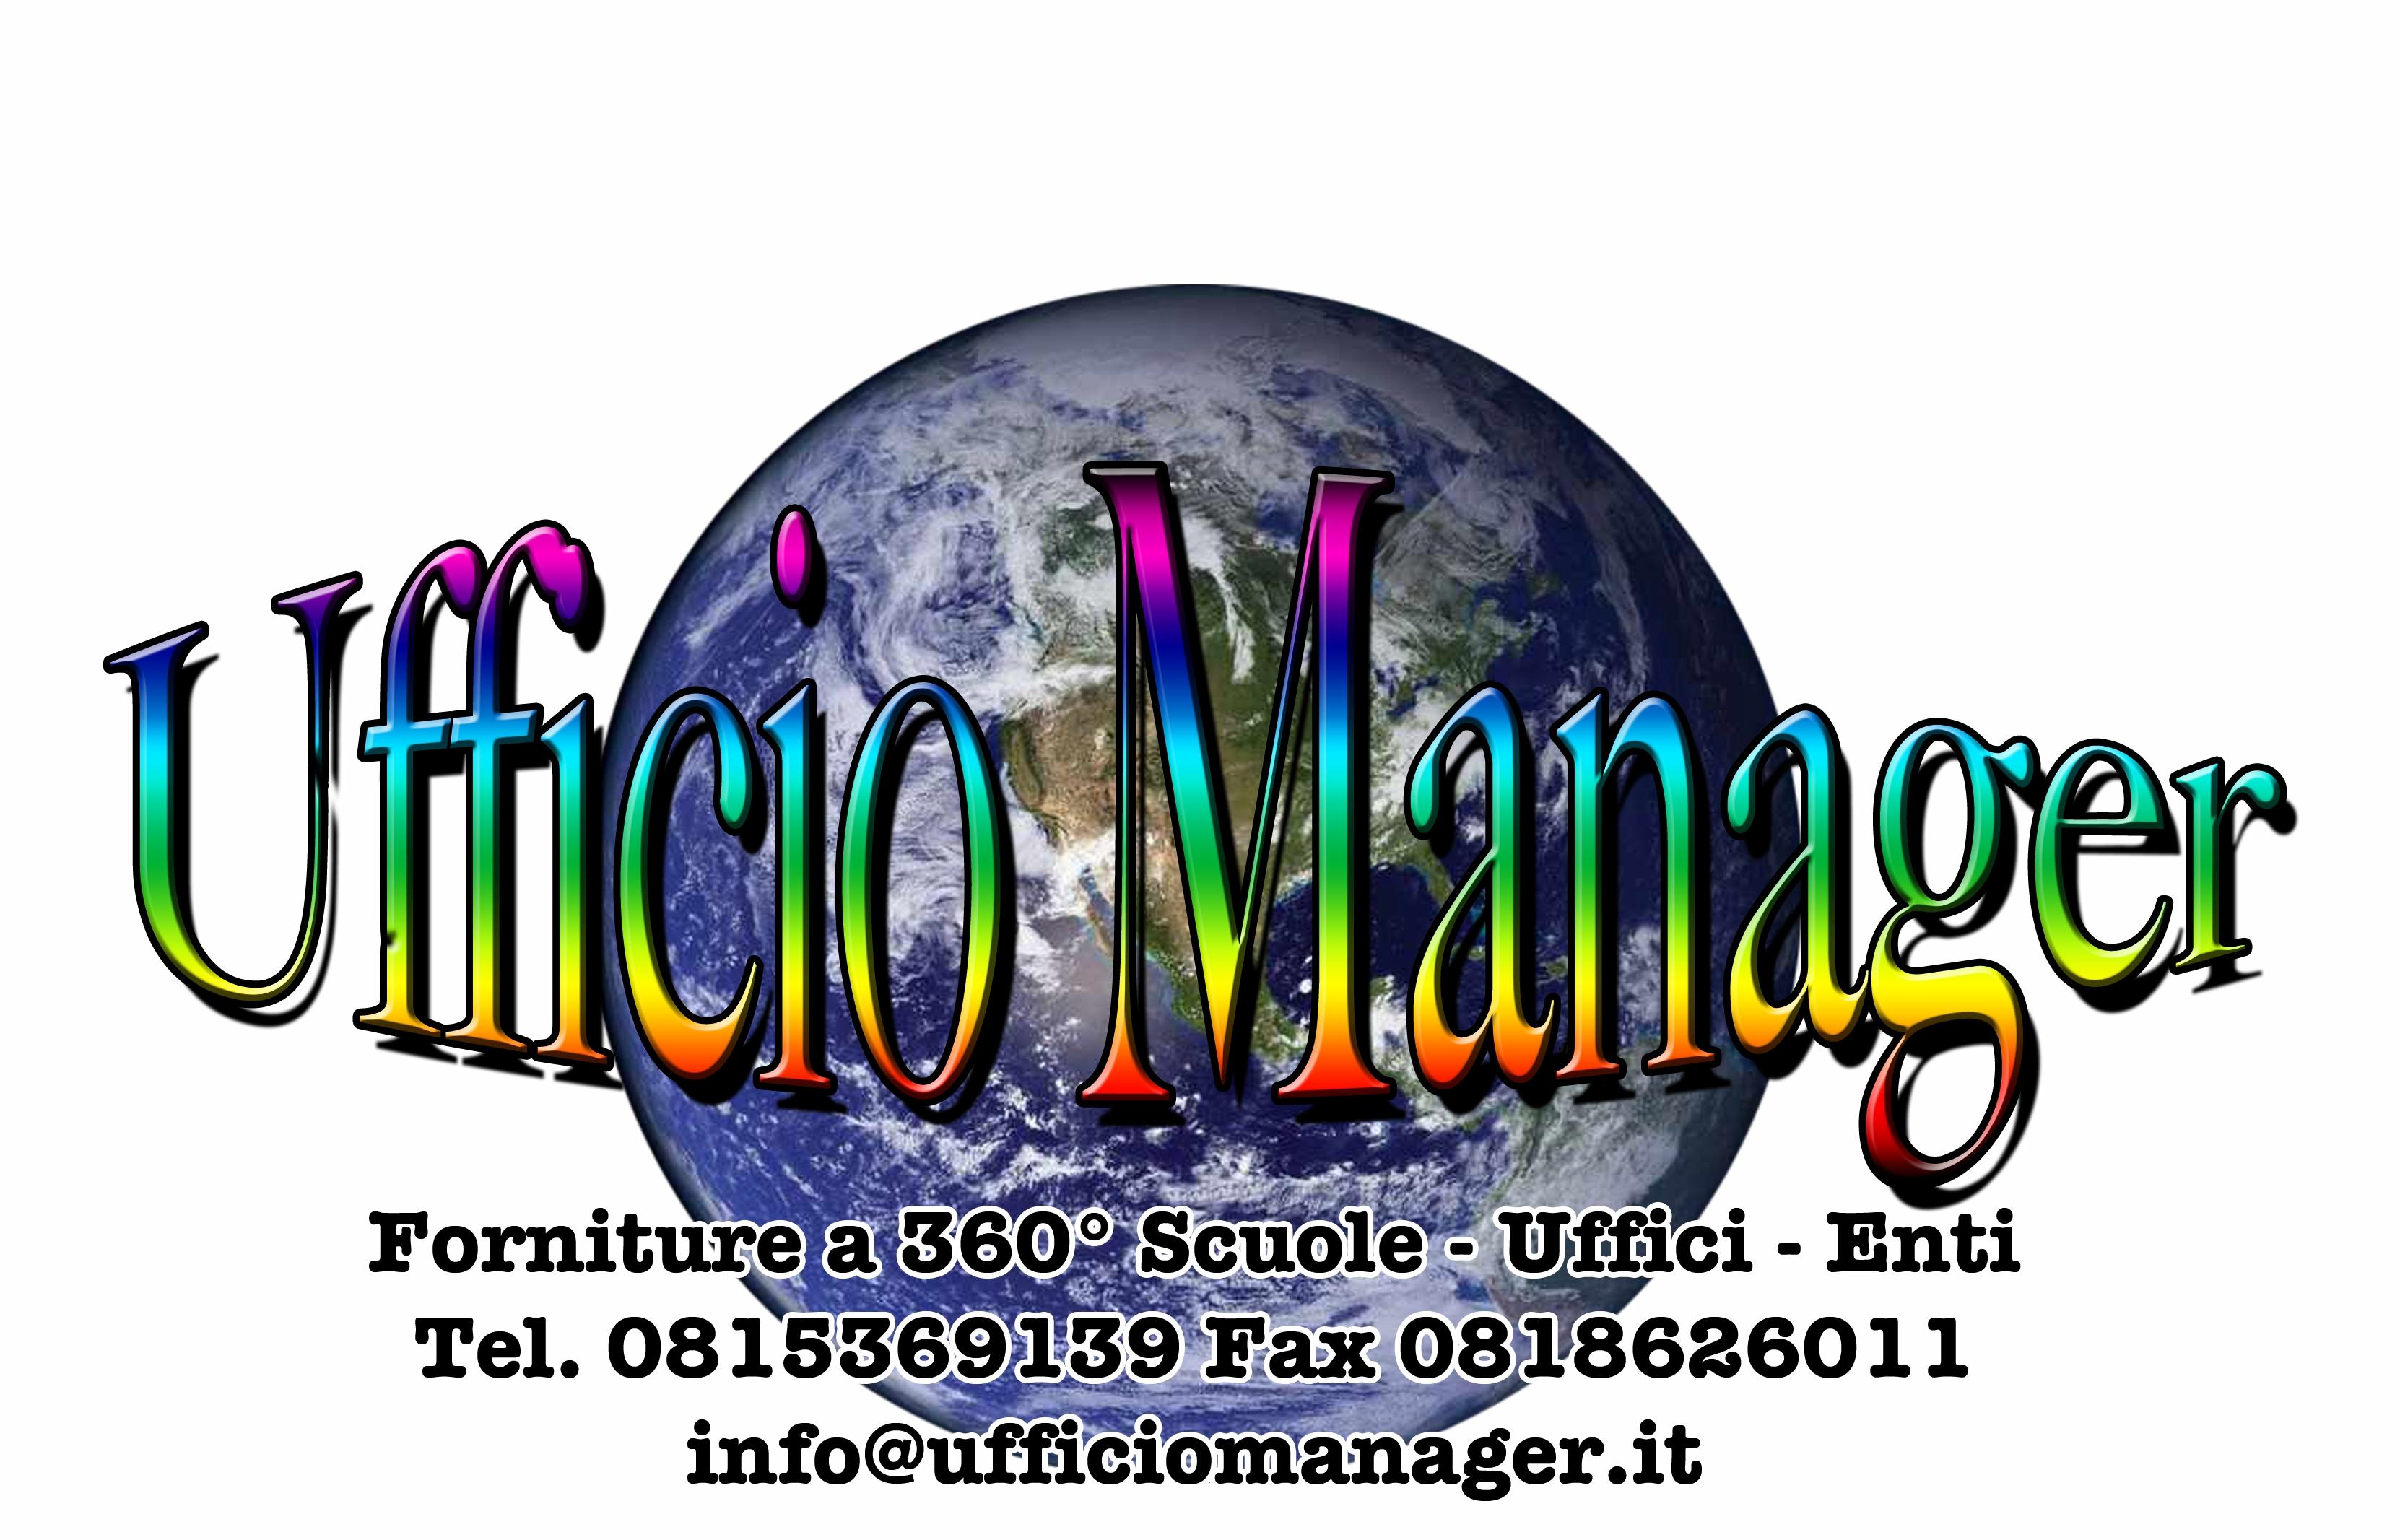 Ufficio Manager & C.